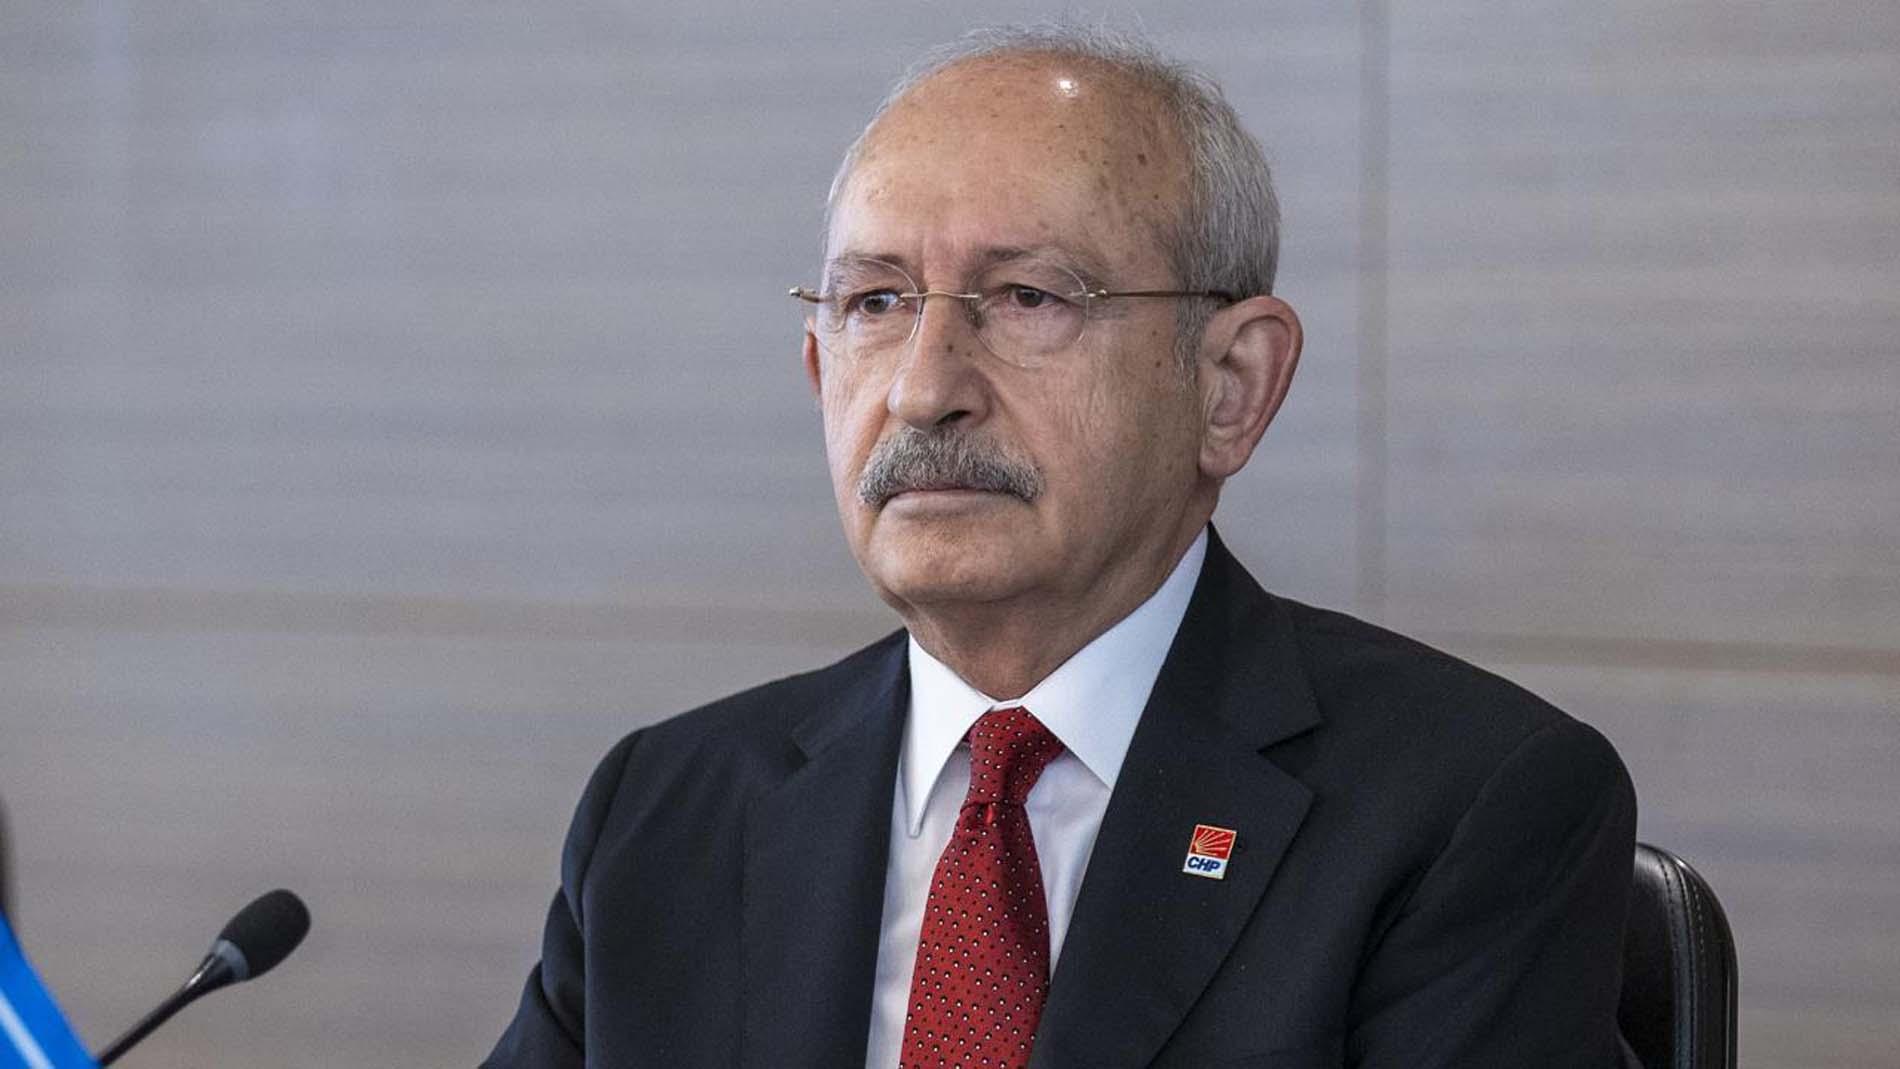 CHP'nin cumhurbaşkanı adayı kim olacak? Kılıçdaroğlu, Mansur Yavaş ve Ekrem İmamoğlu'ndan derken sürpriz isim gündeme bomba gibi düştü